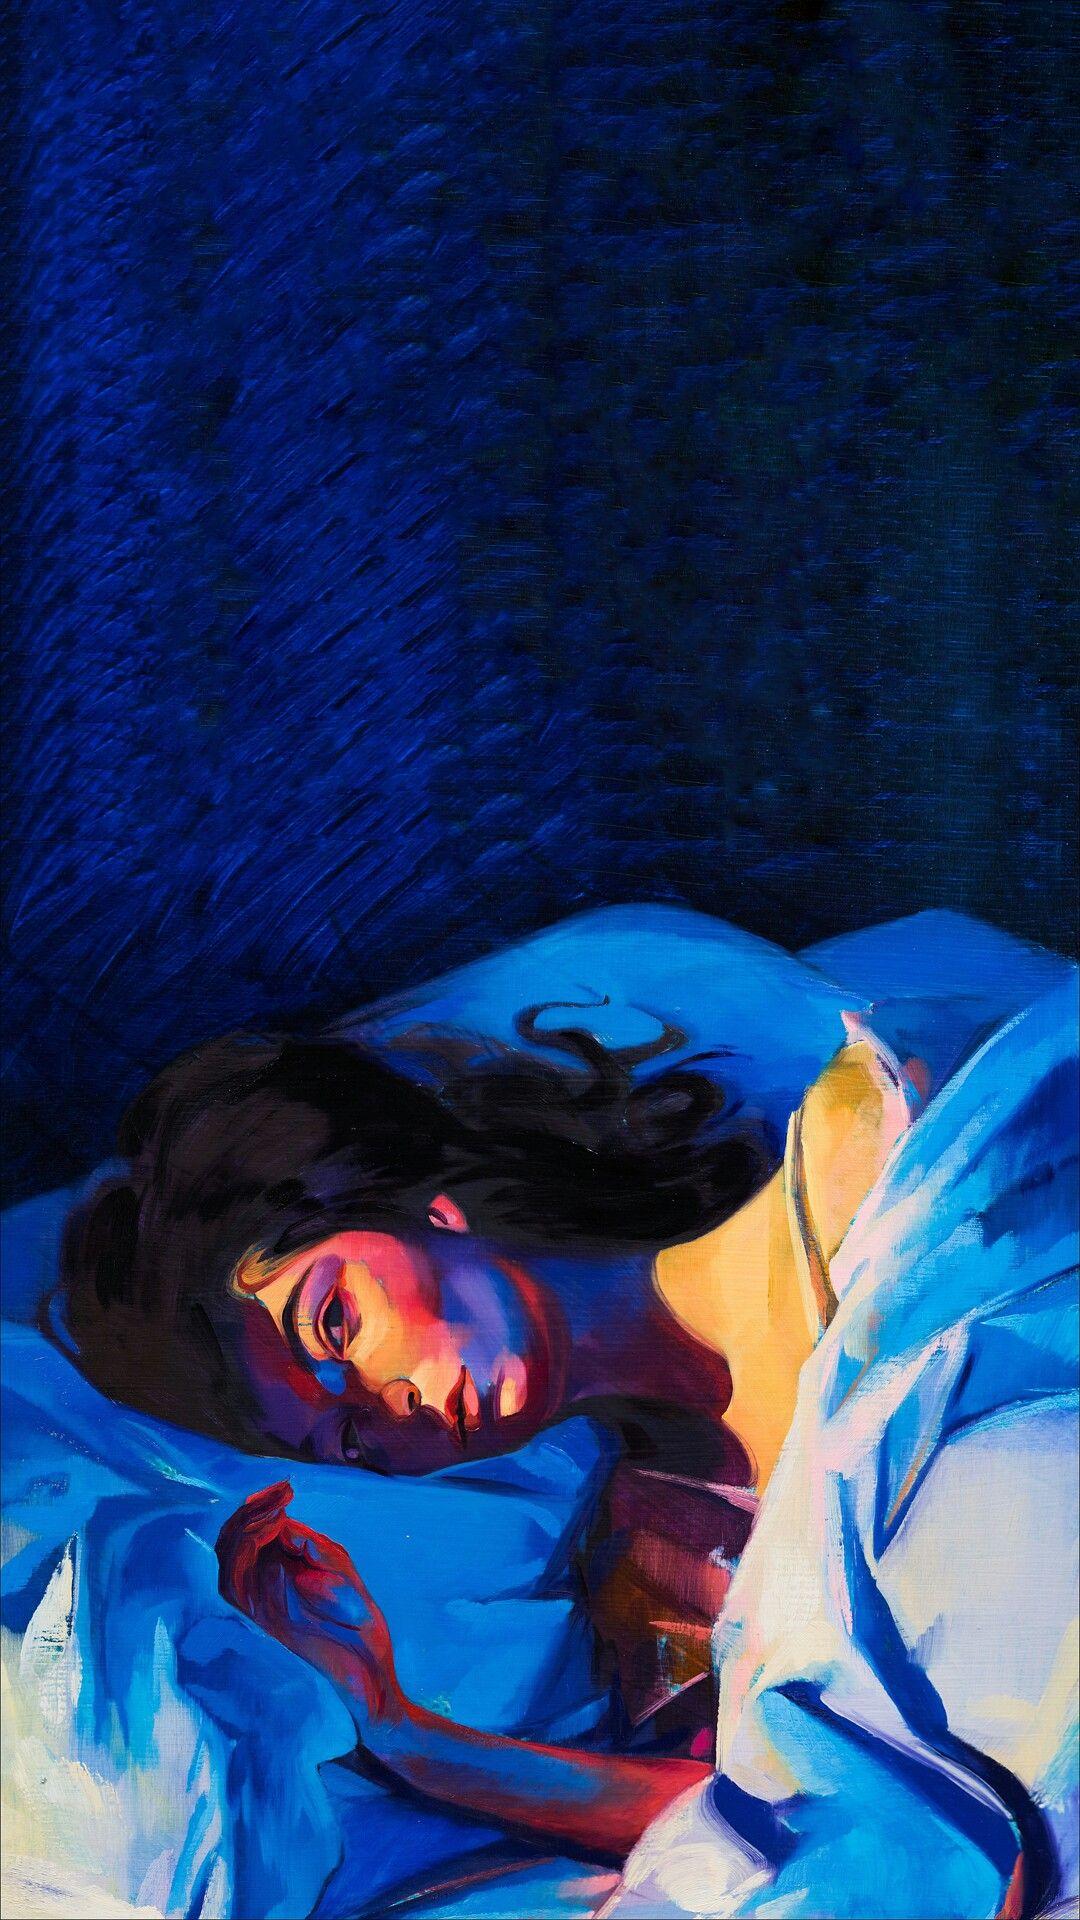 Free download Lorde Melodrama FANDOM in 2019 Lorde Art ...